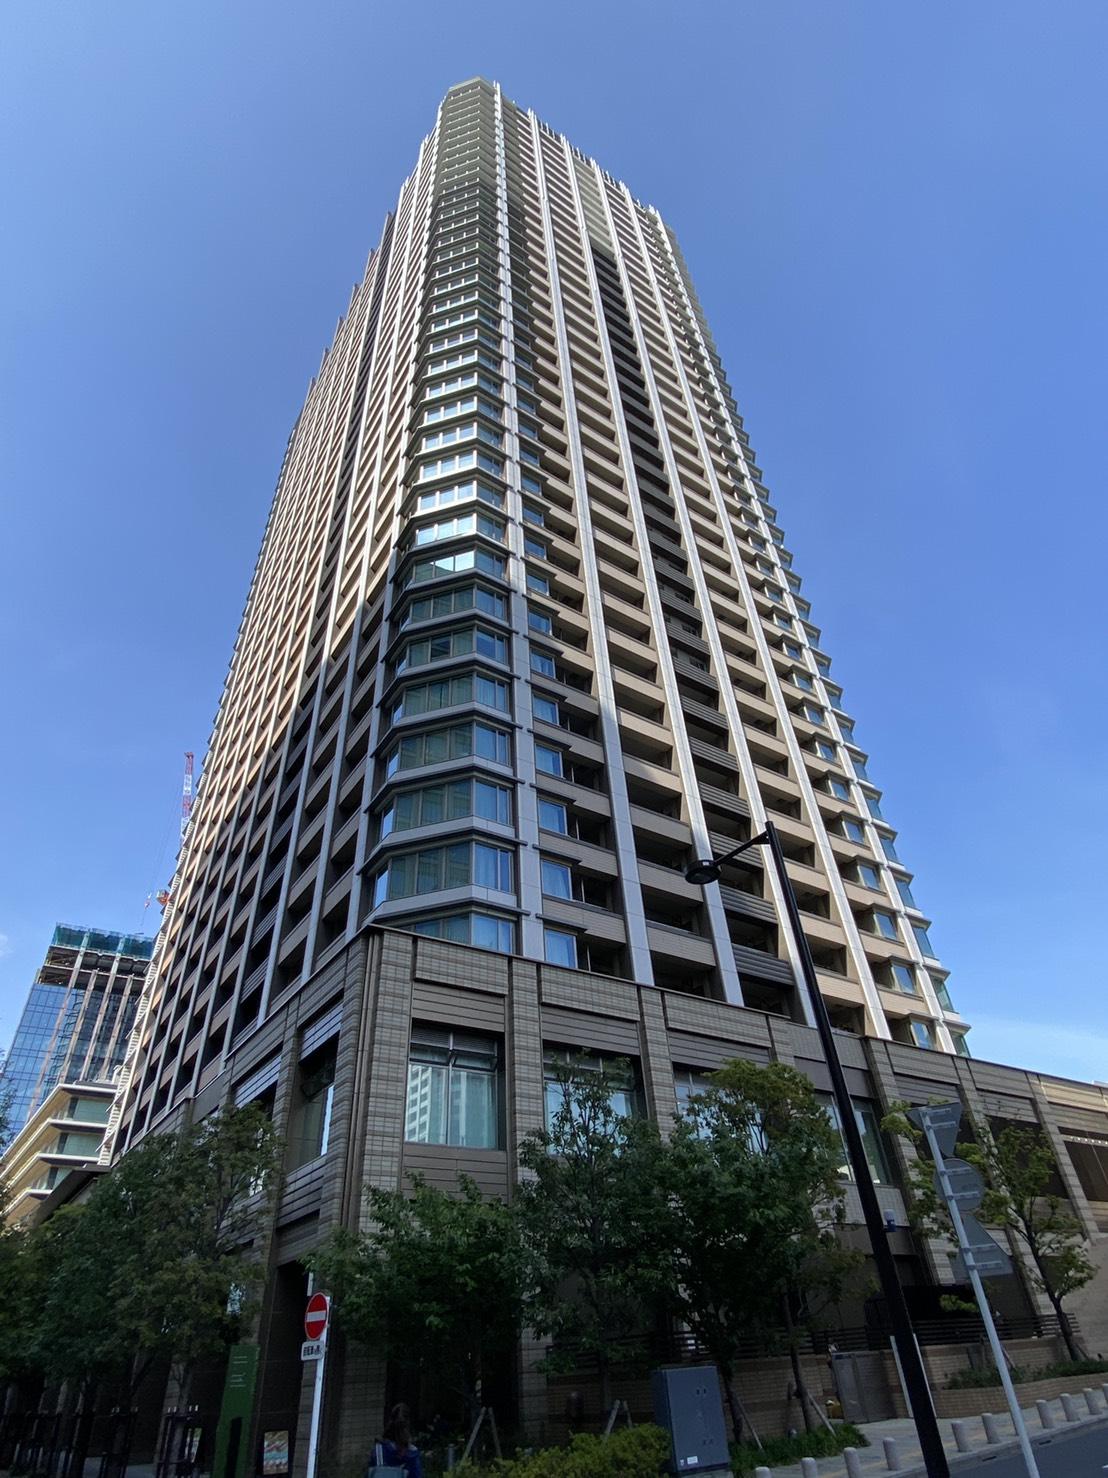 須藤早貴容疑者が暮らしていたとされる都内の高級タワーマンション